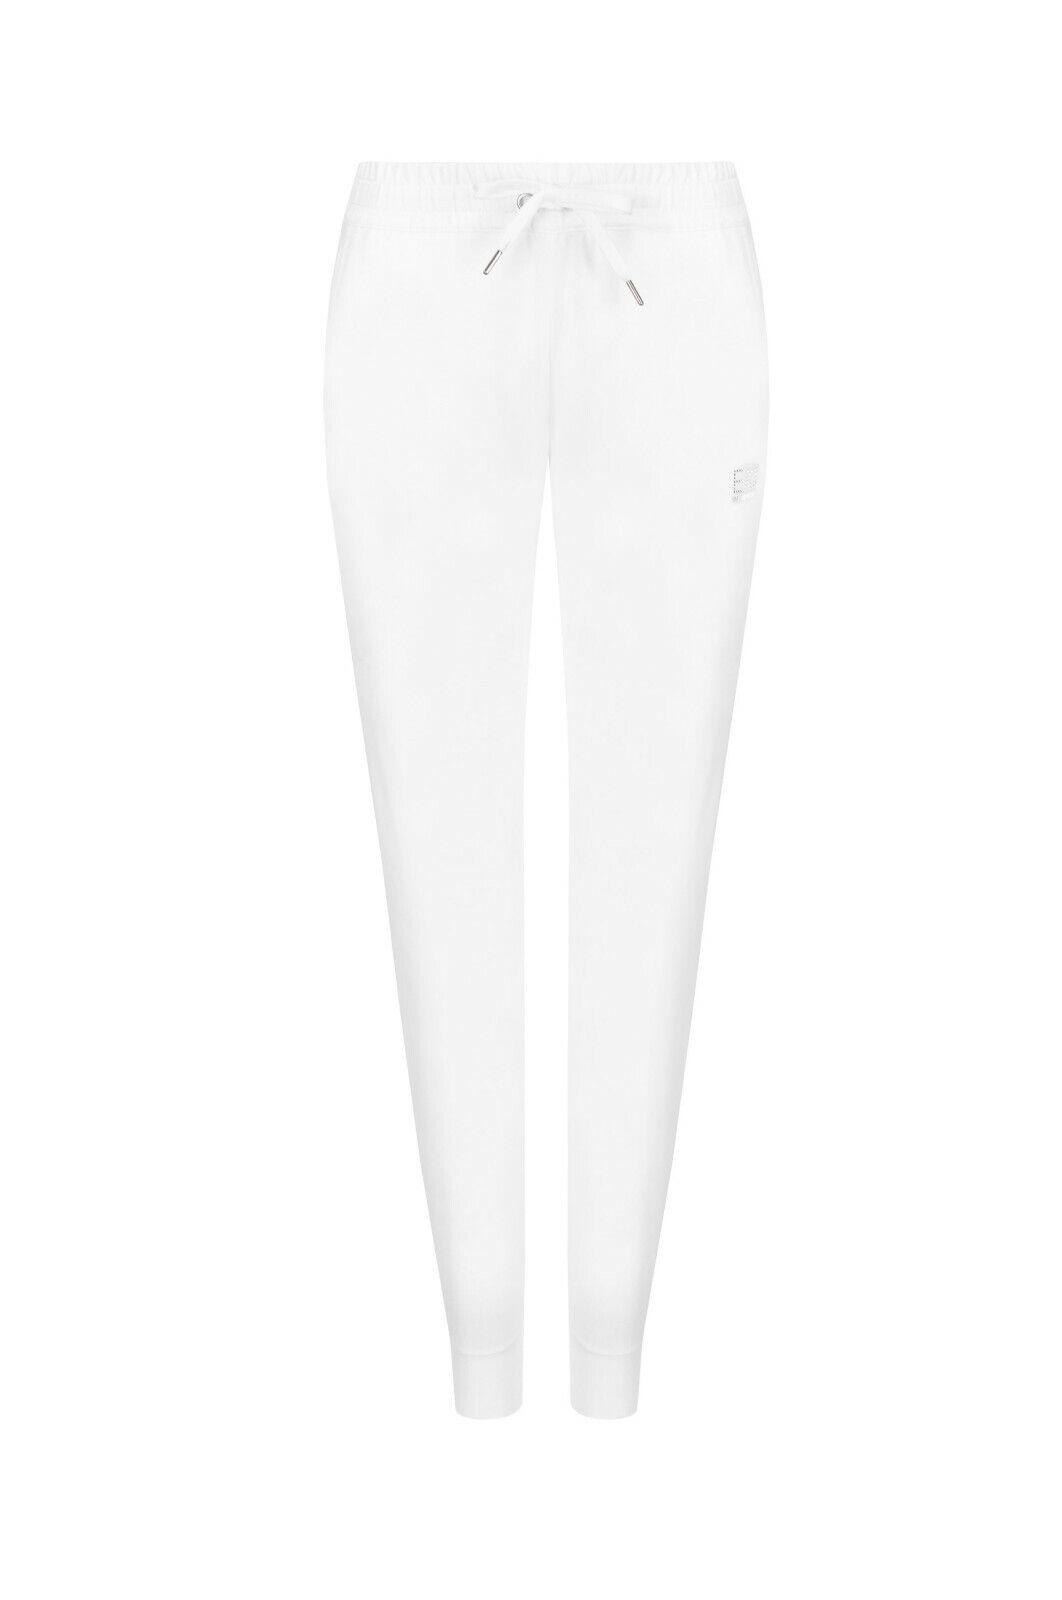 EA7 Emporio Armani damen Joggers Sweatpants Weiß Rhinestones Größe XS